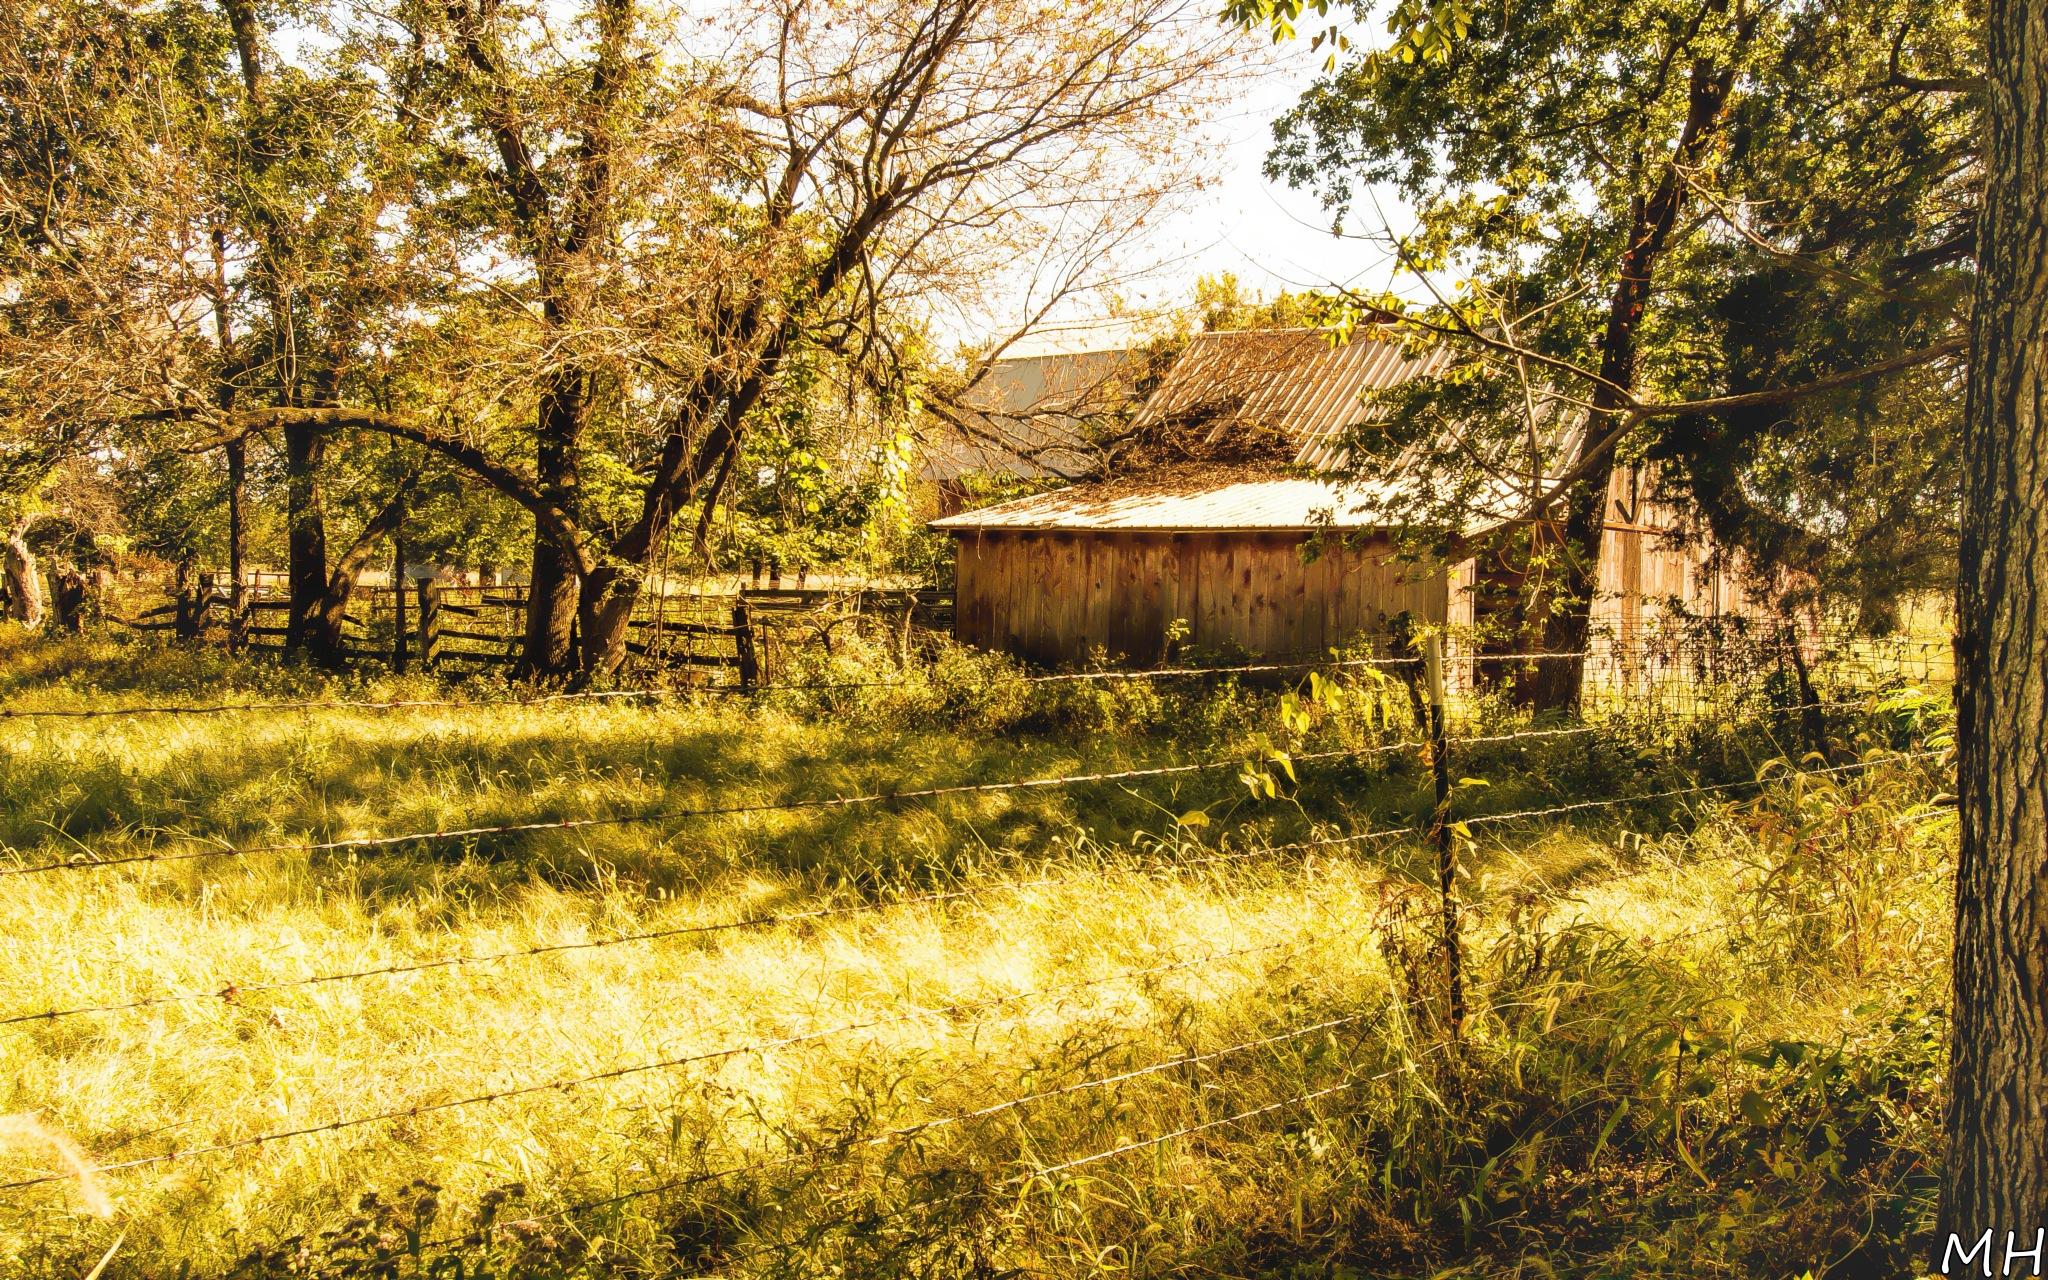 Farm by MH